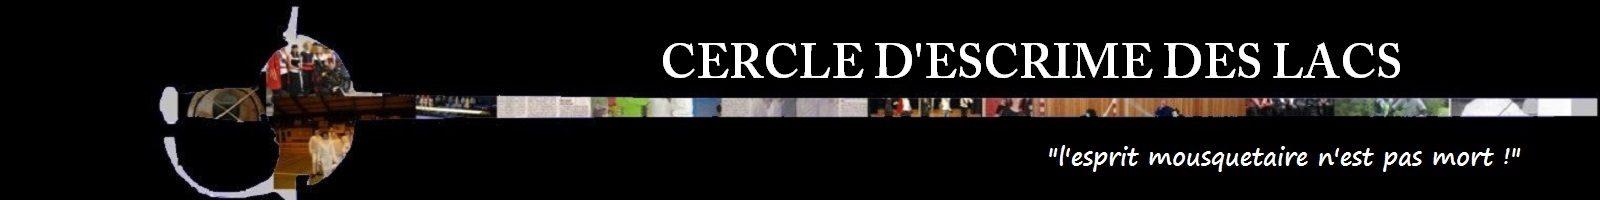 Cercle_D'escrime_Des_Lacs